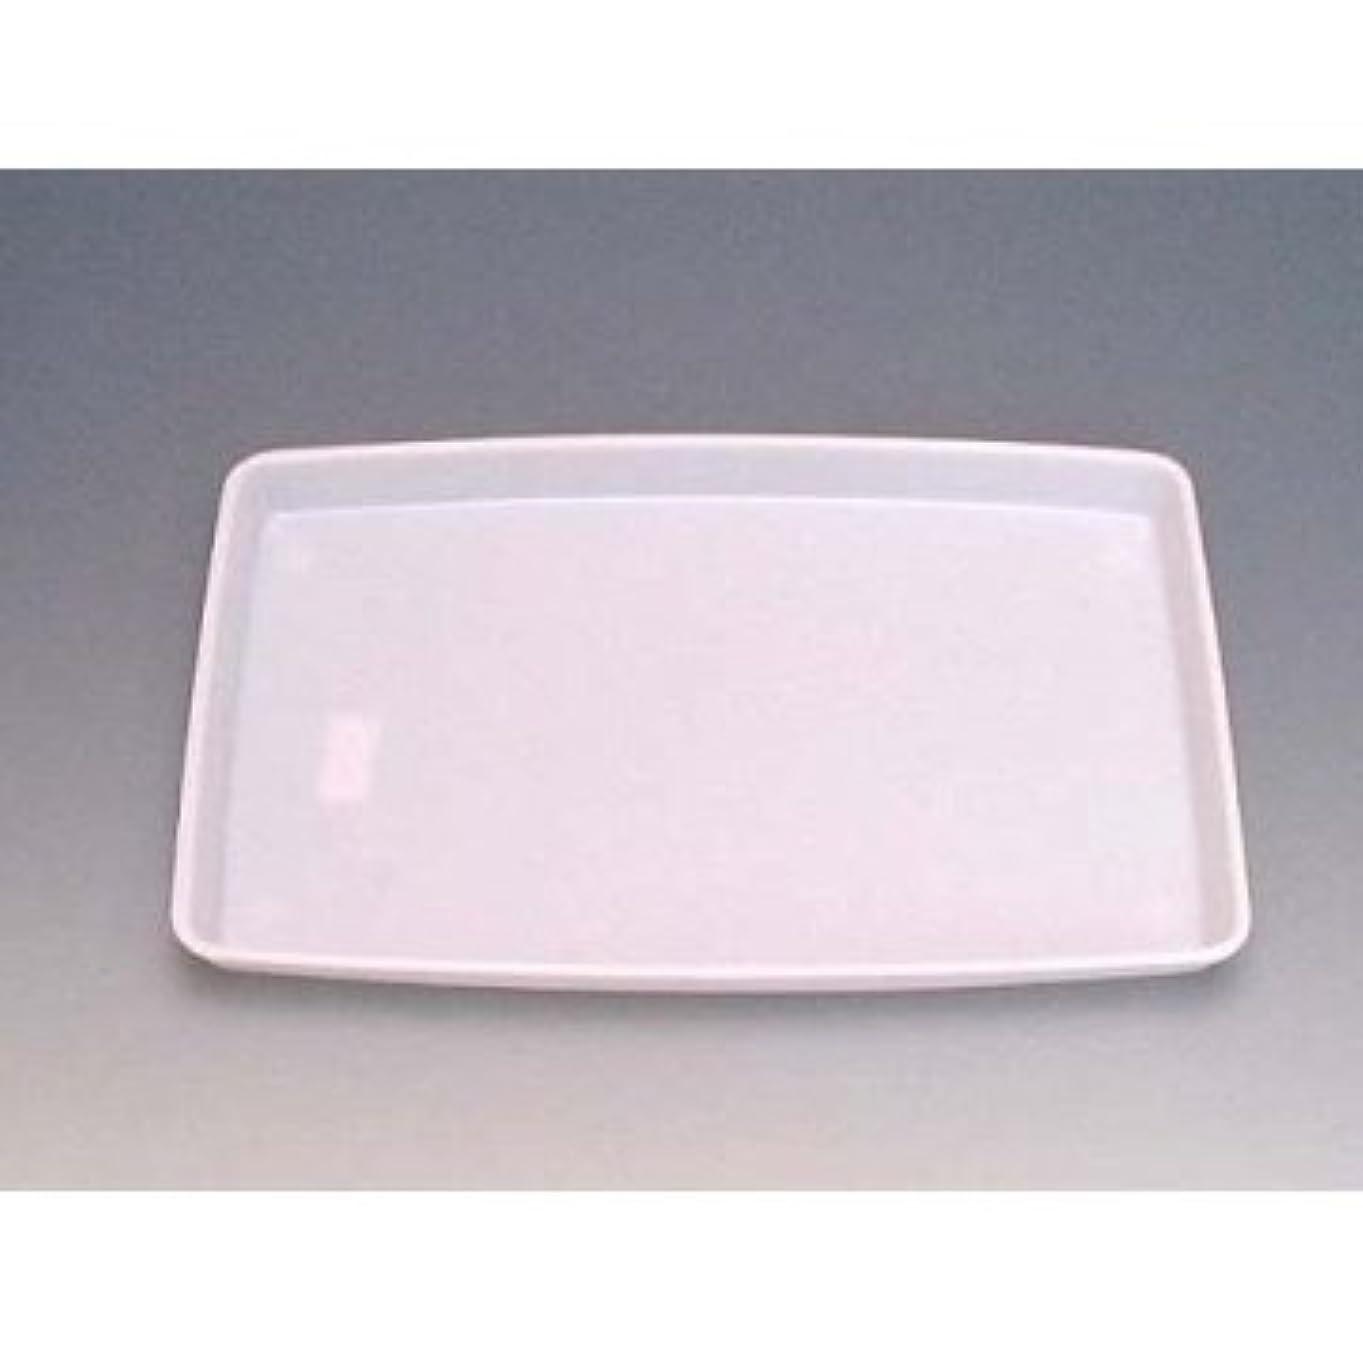 イライラする悲しいことに貯水池米正 エバーメイト われない台皿 カラーホワイト